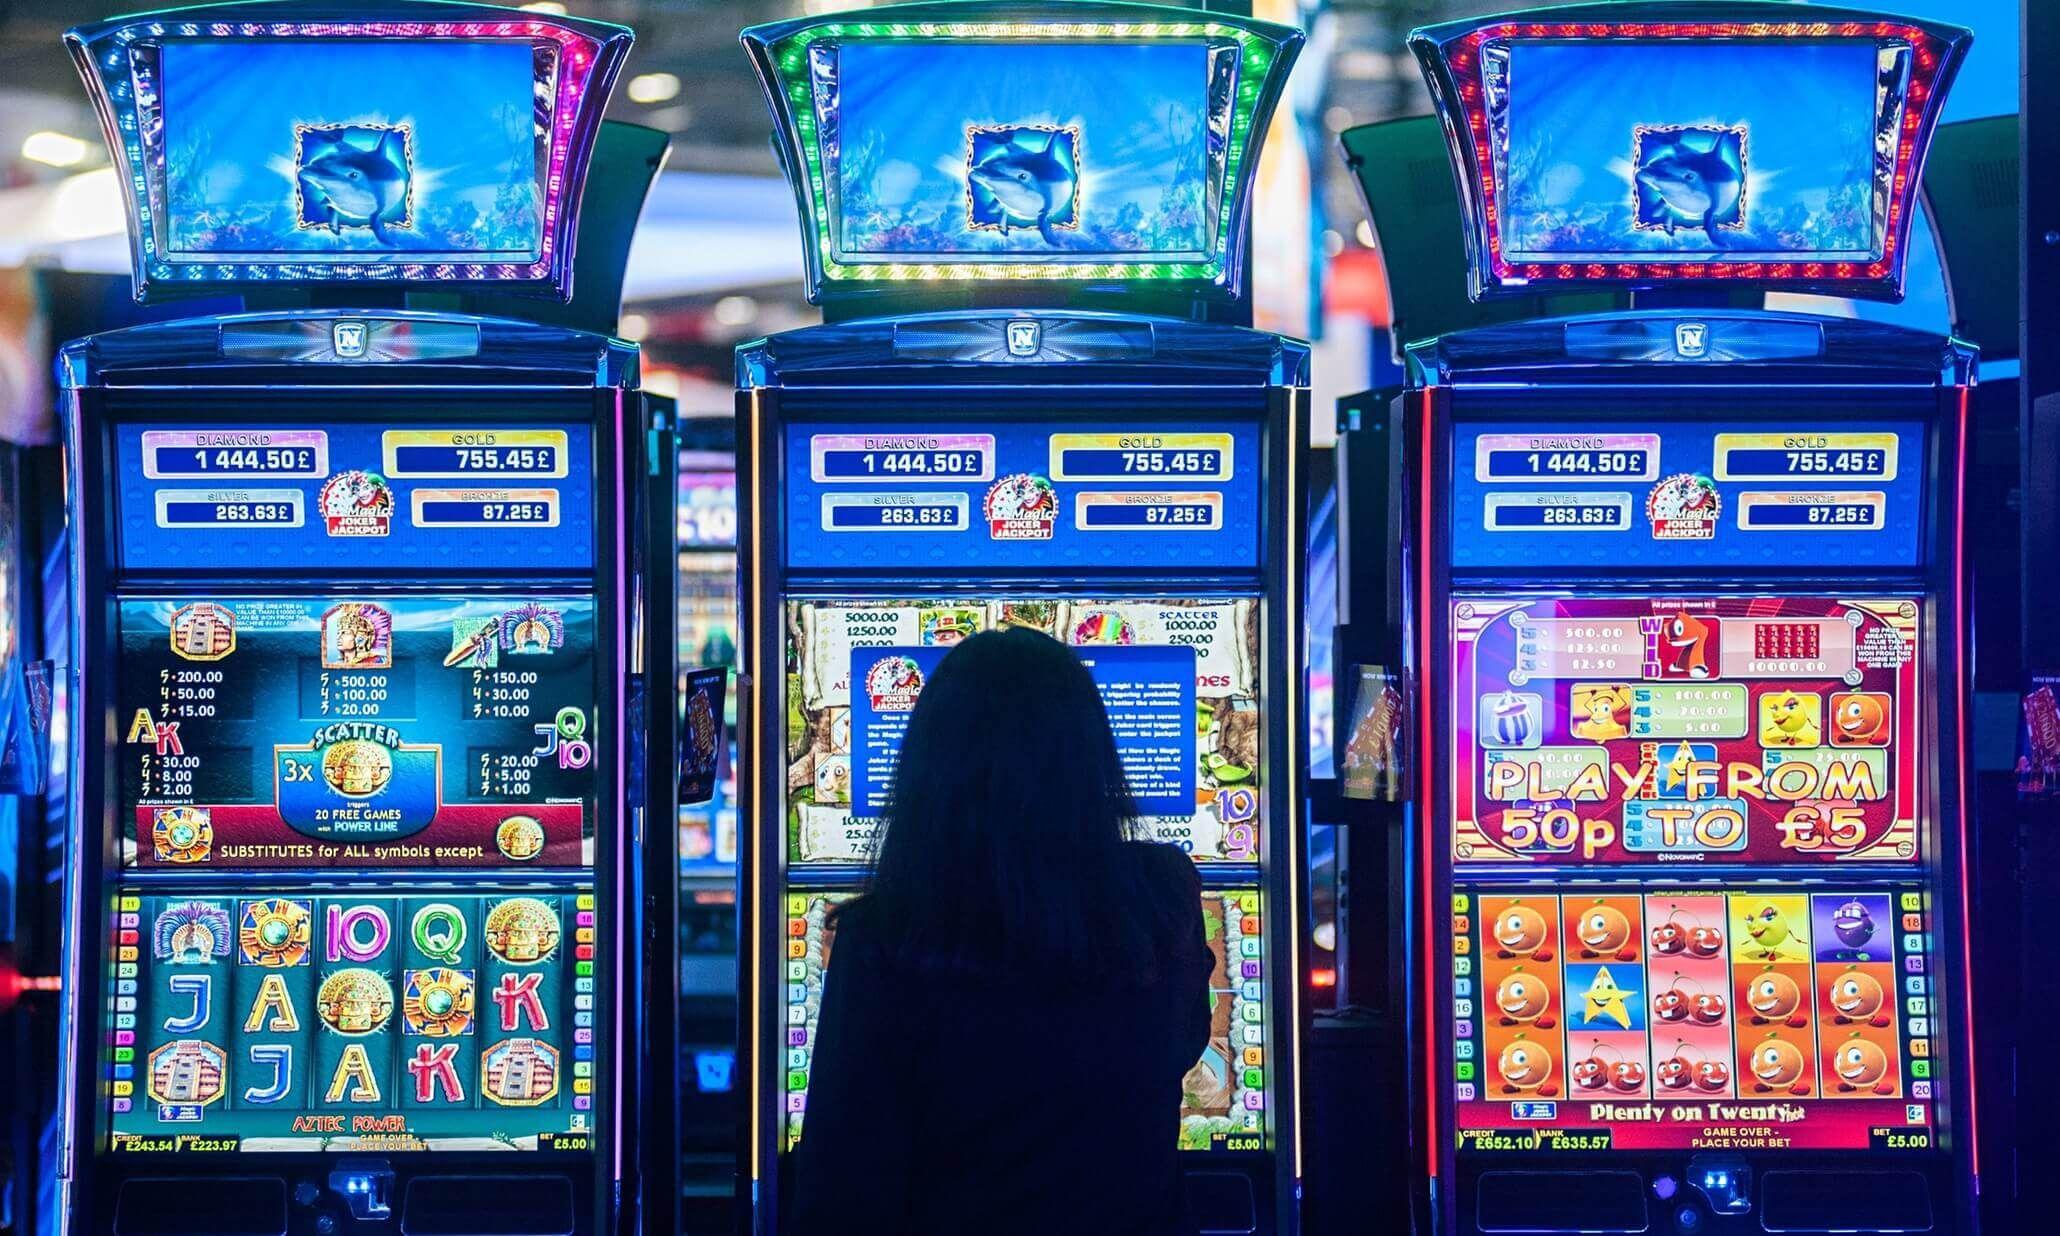 демо игровые автоматы с бонусными играми играть